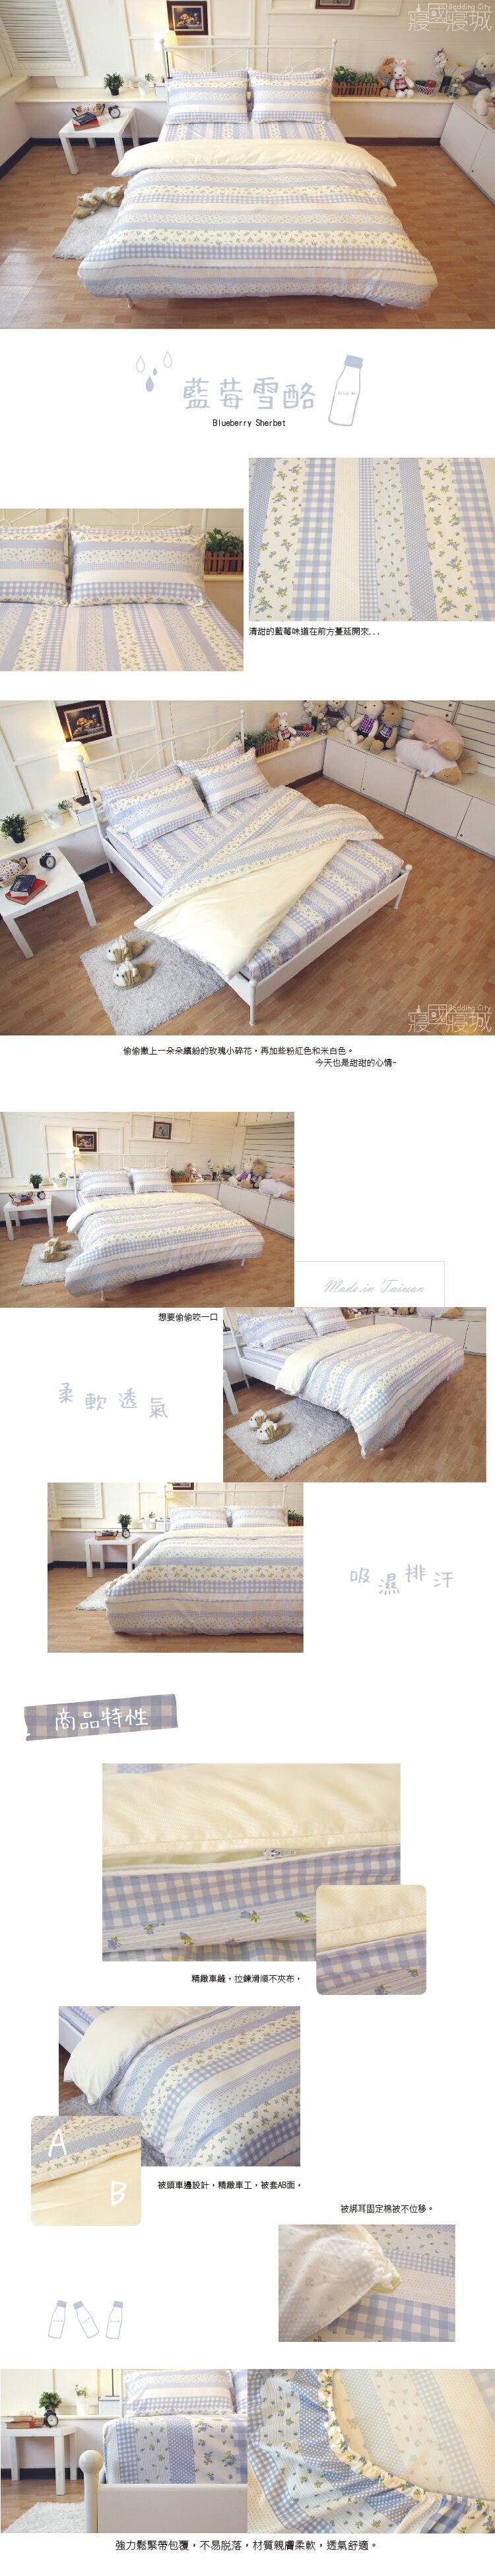 單人床包組+被套 多款花色可挑選【台灣製造、觸感升級、SGS檢驗通過】 # 寢國寢城 3